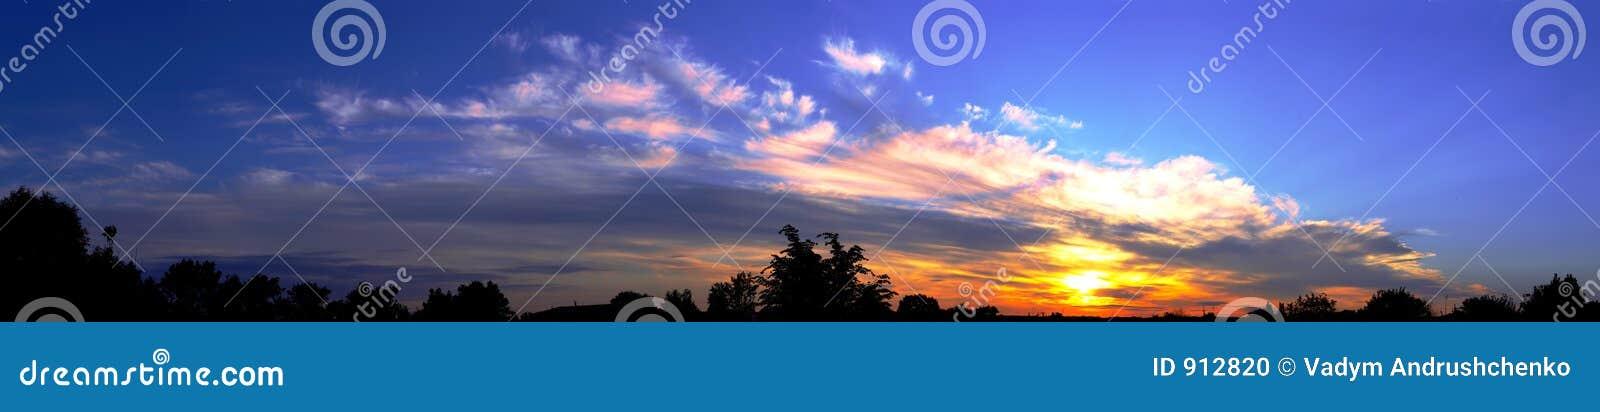 De zonsopgang van het panorama